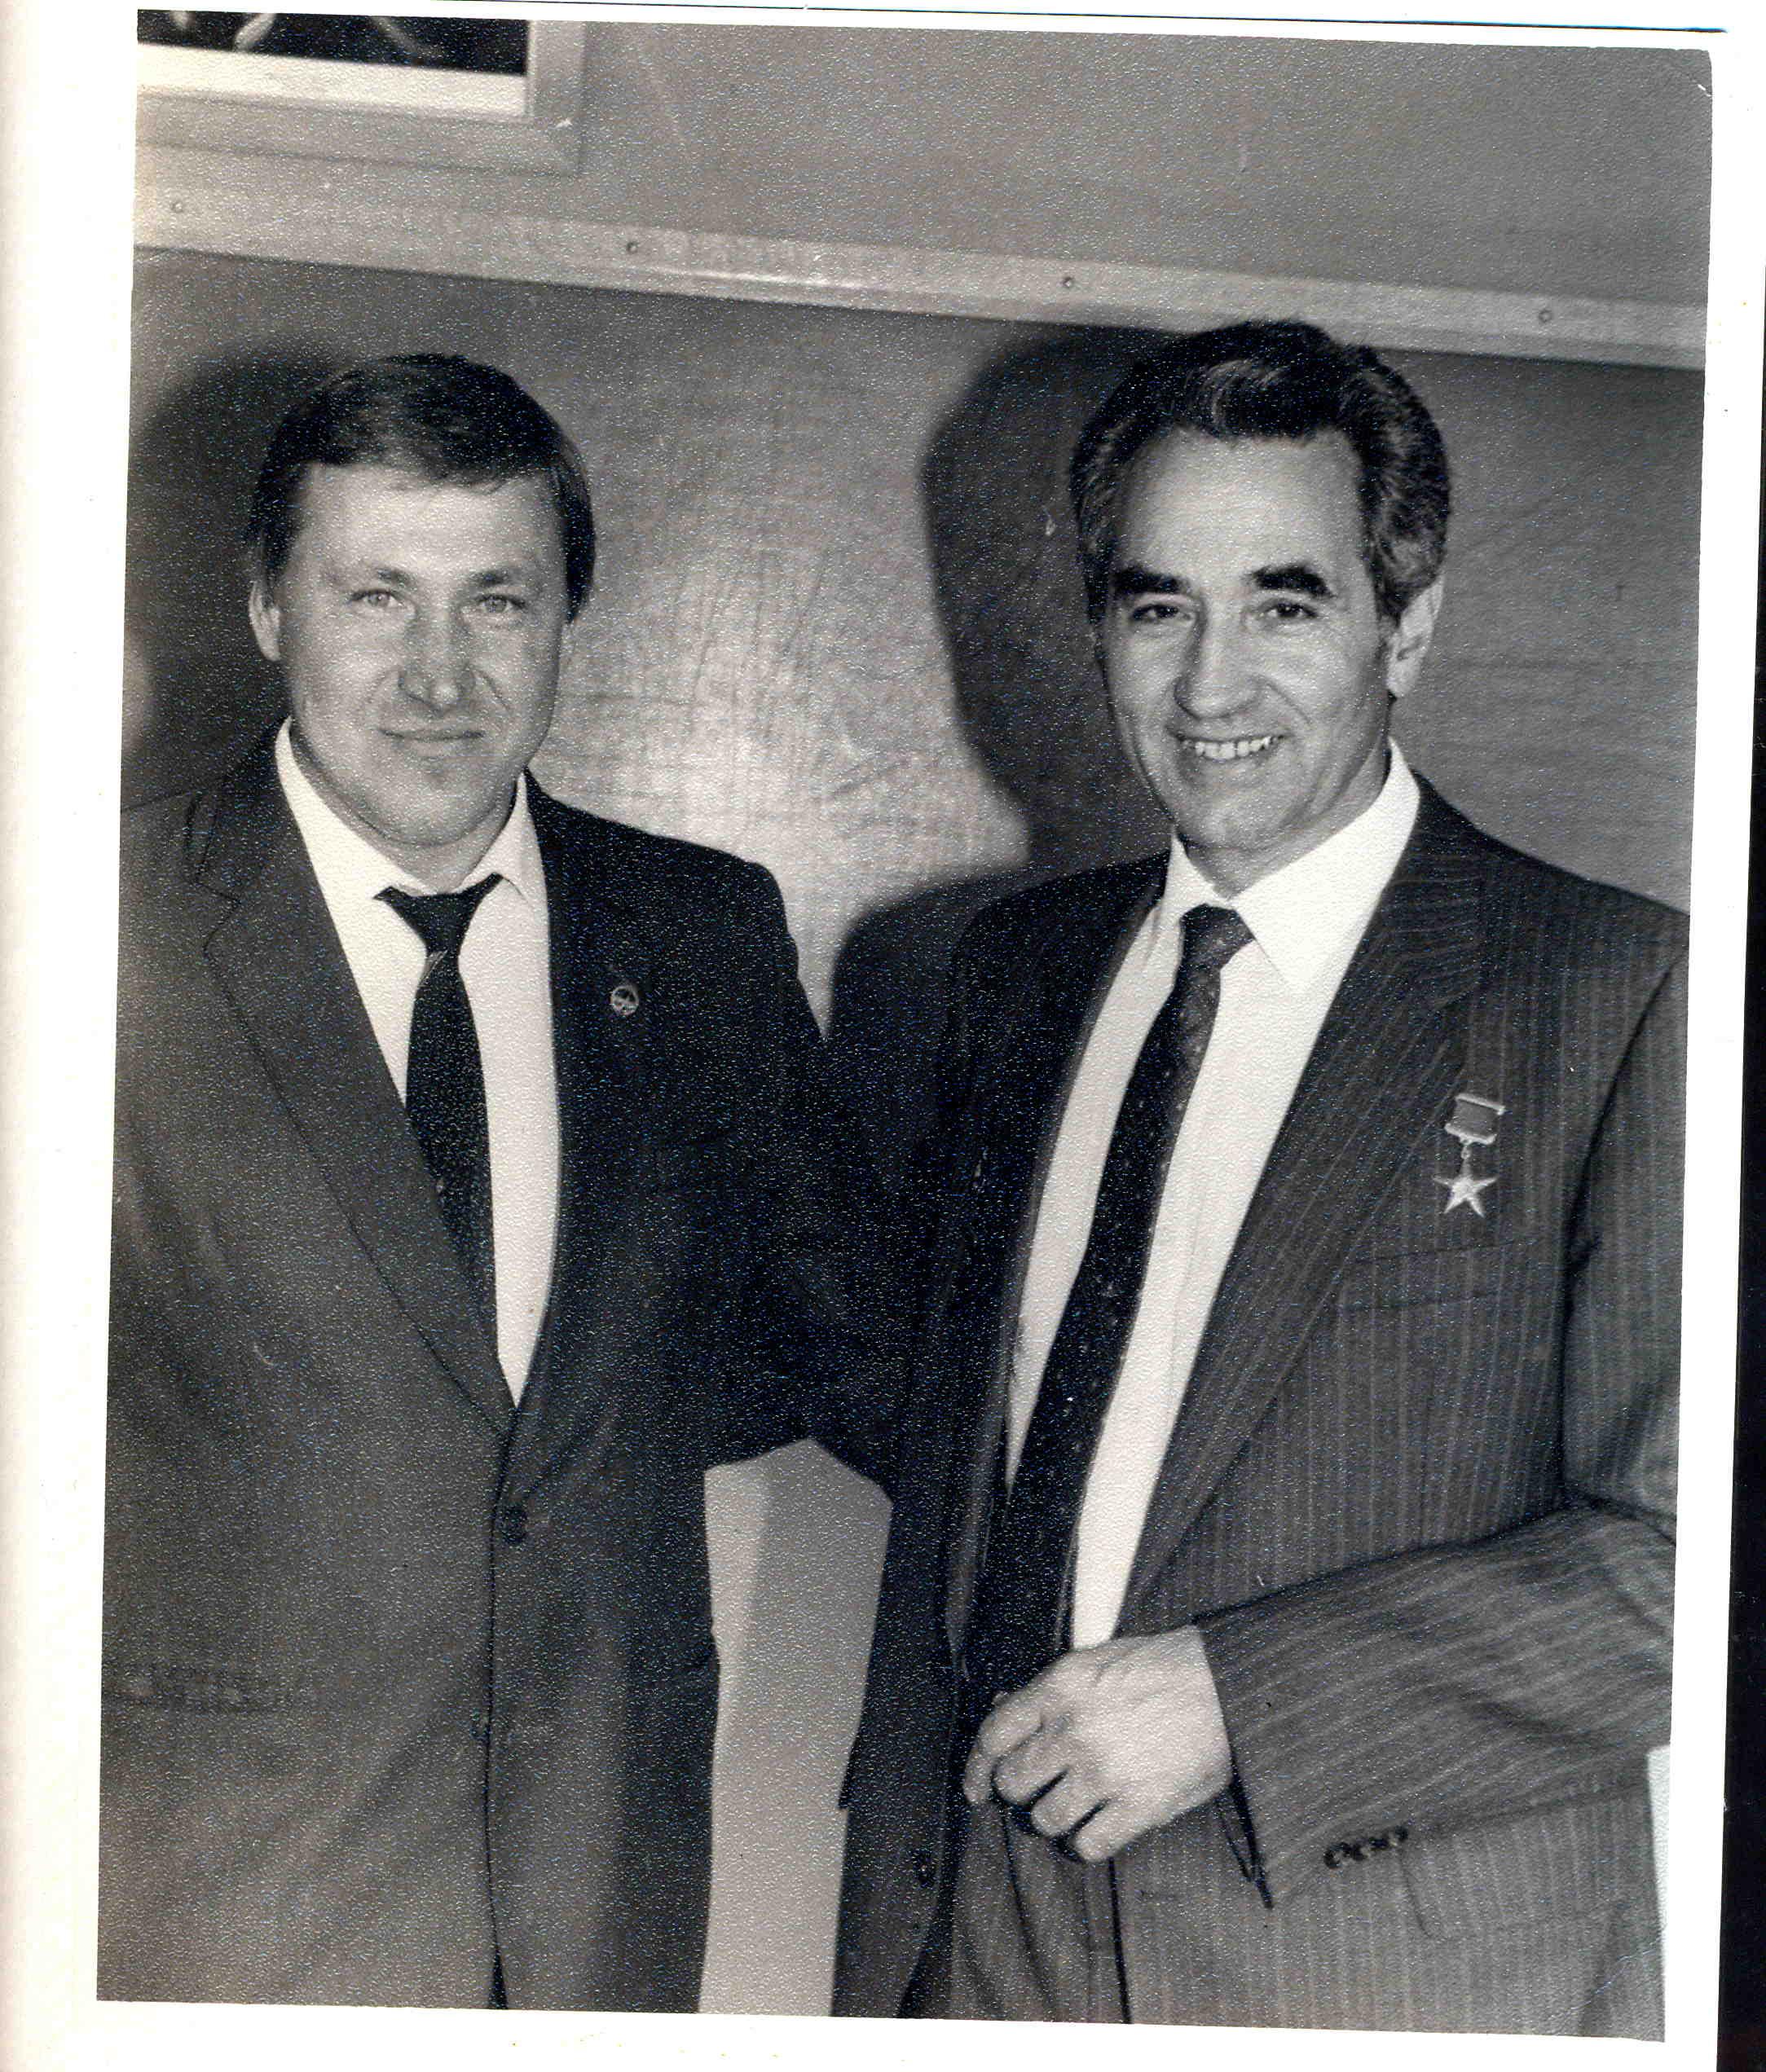 Чудаков В.А. (слева) и Северин Г.И. (справа)